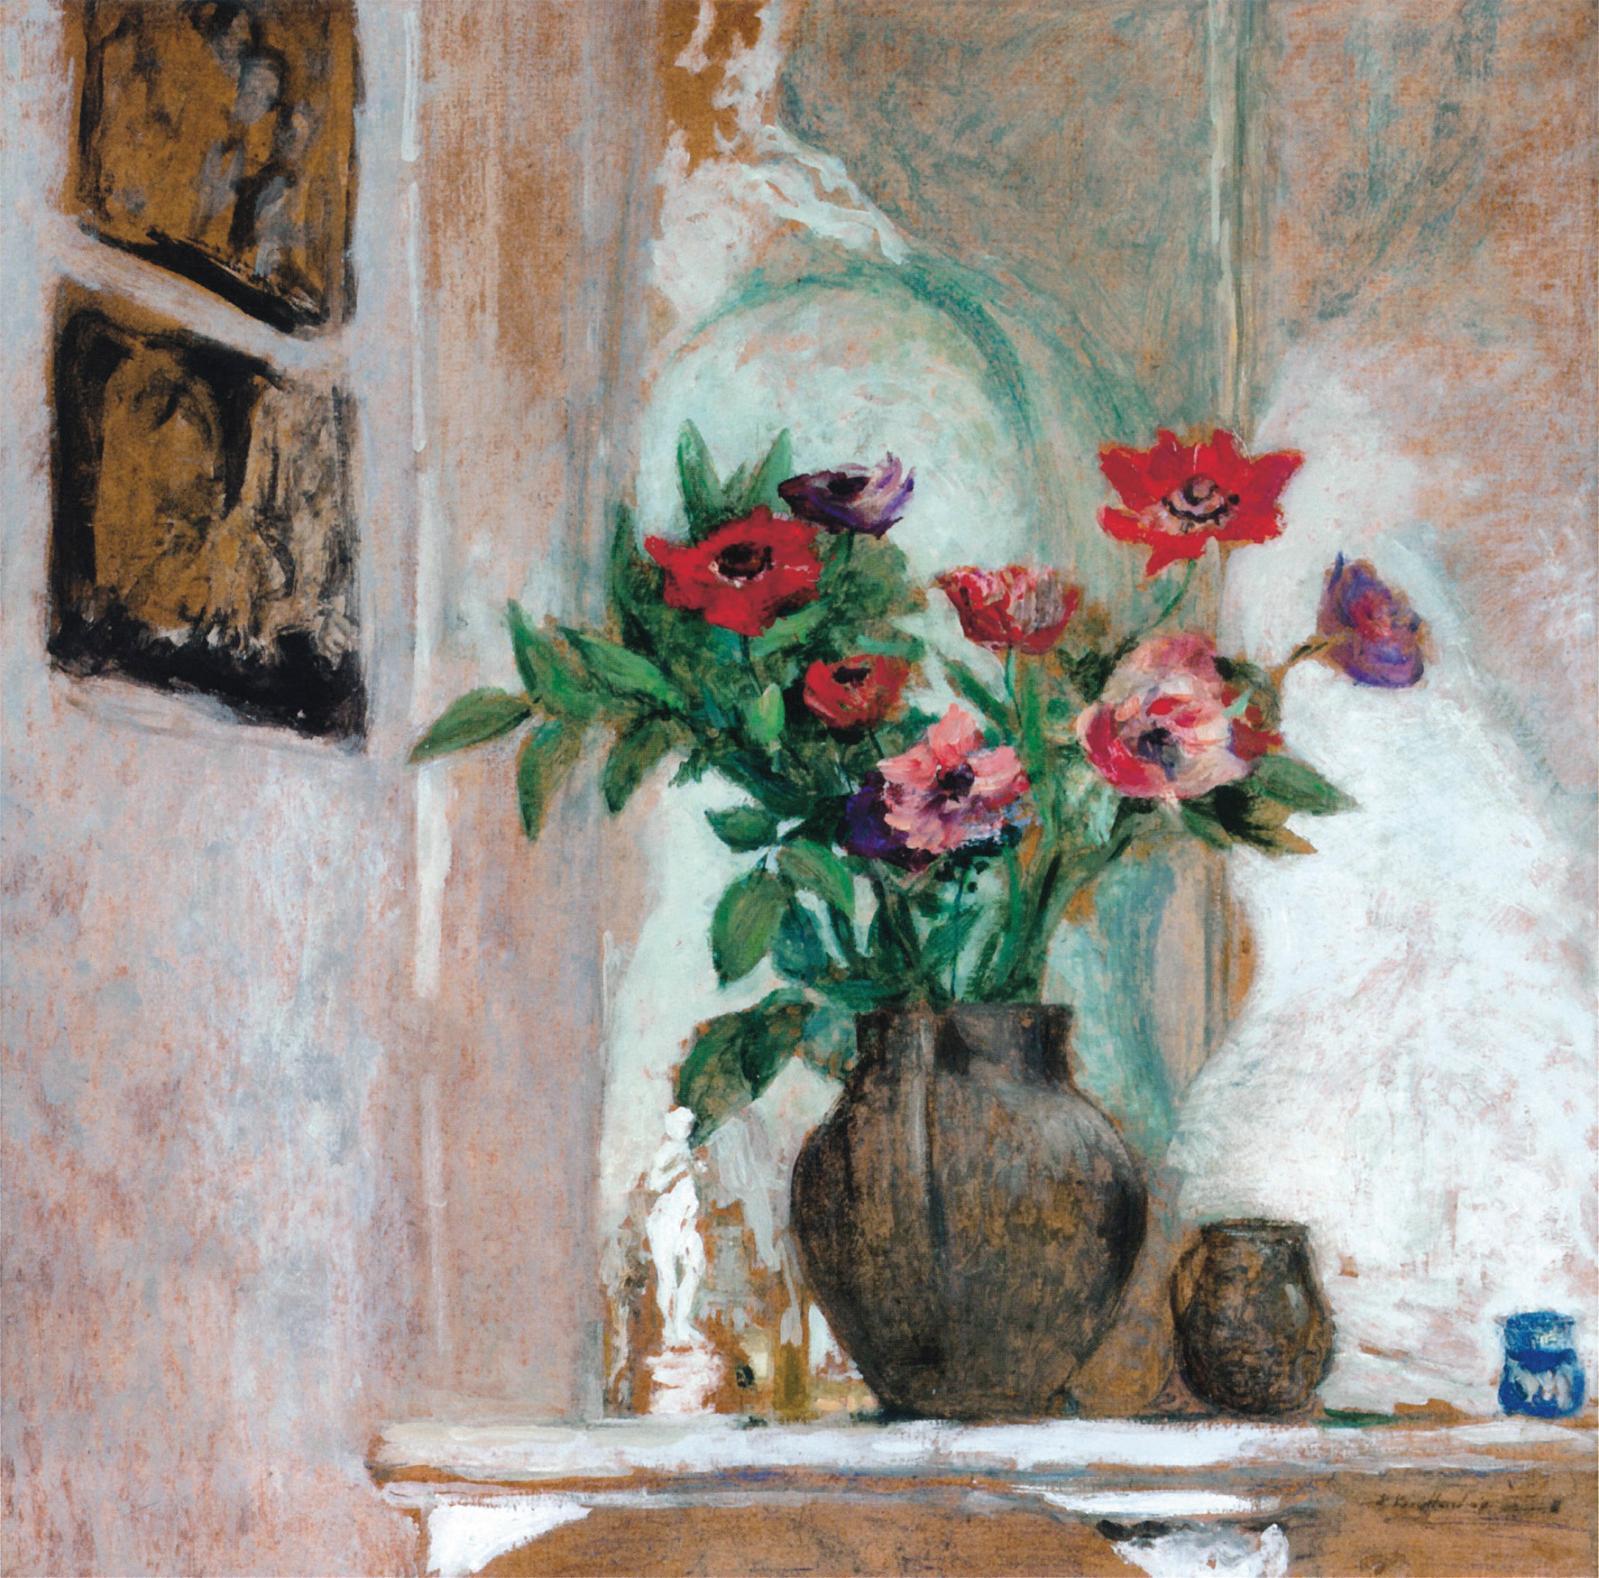 62750€: c'était la somme à prévoir pour acquérir une peinture d'Édouard Vuillard (1868-1940), mettant en scène des Anémones. Réalisée à la colle su